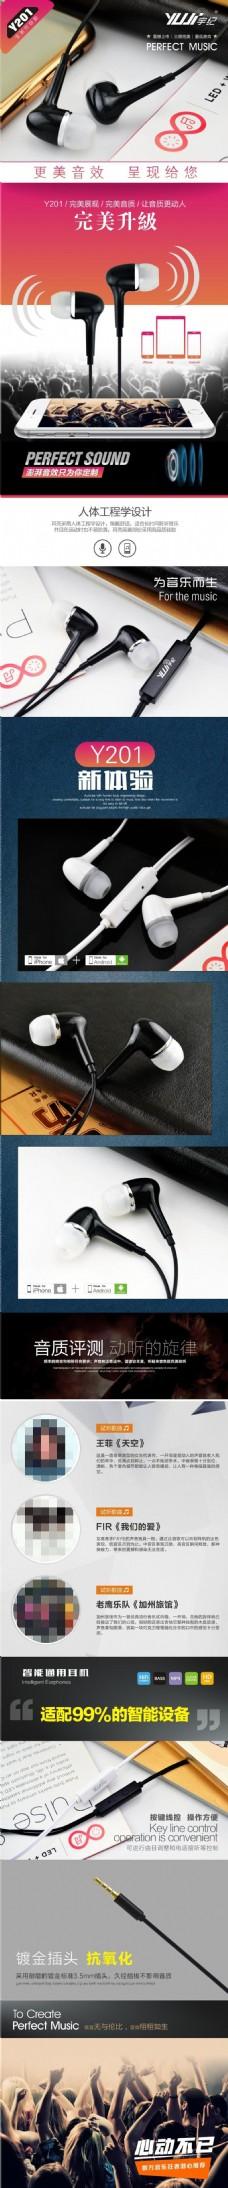 耳机淘宝详情CDR 耳机